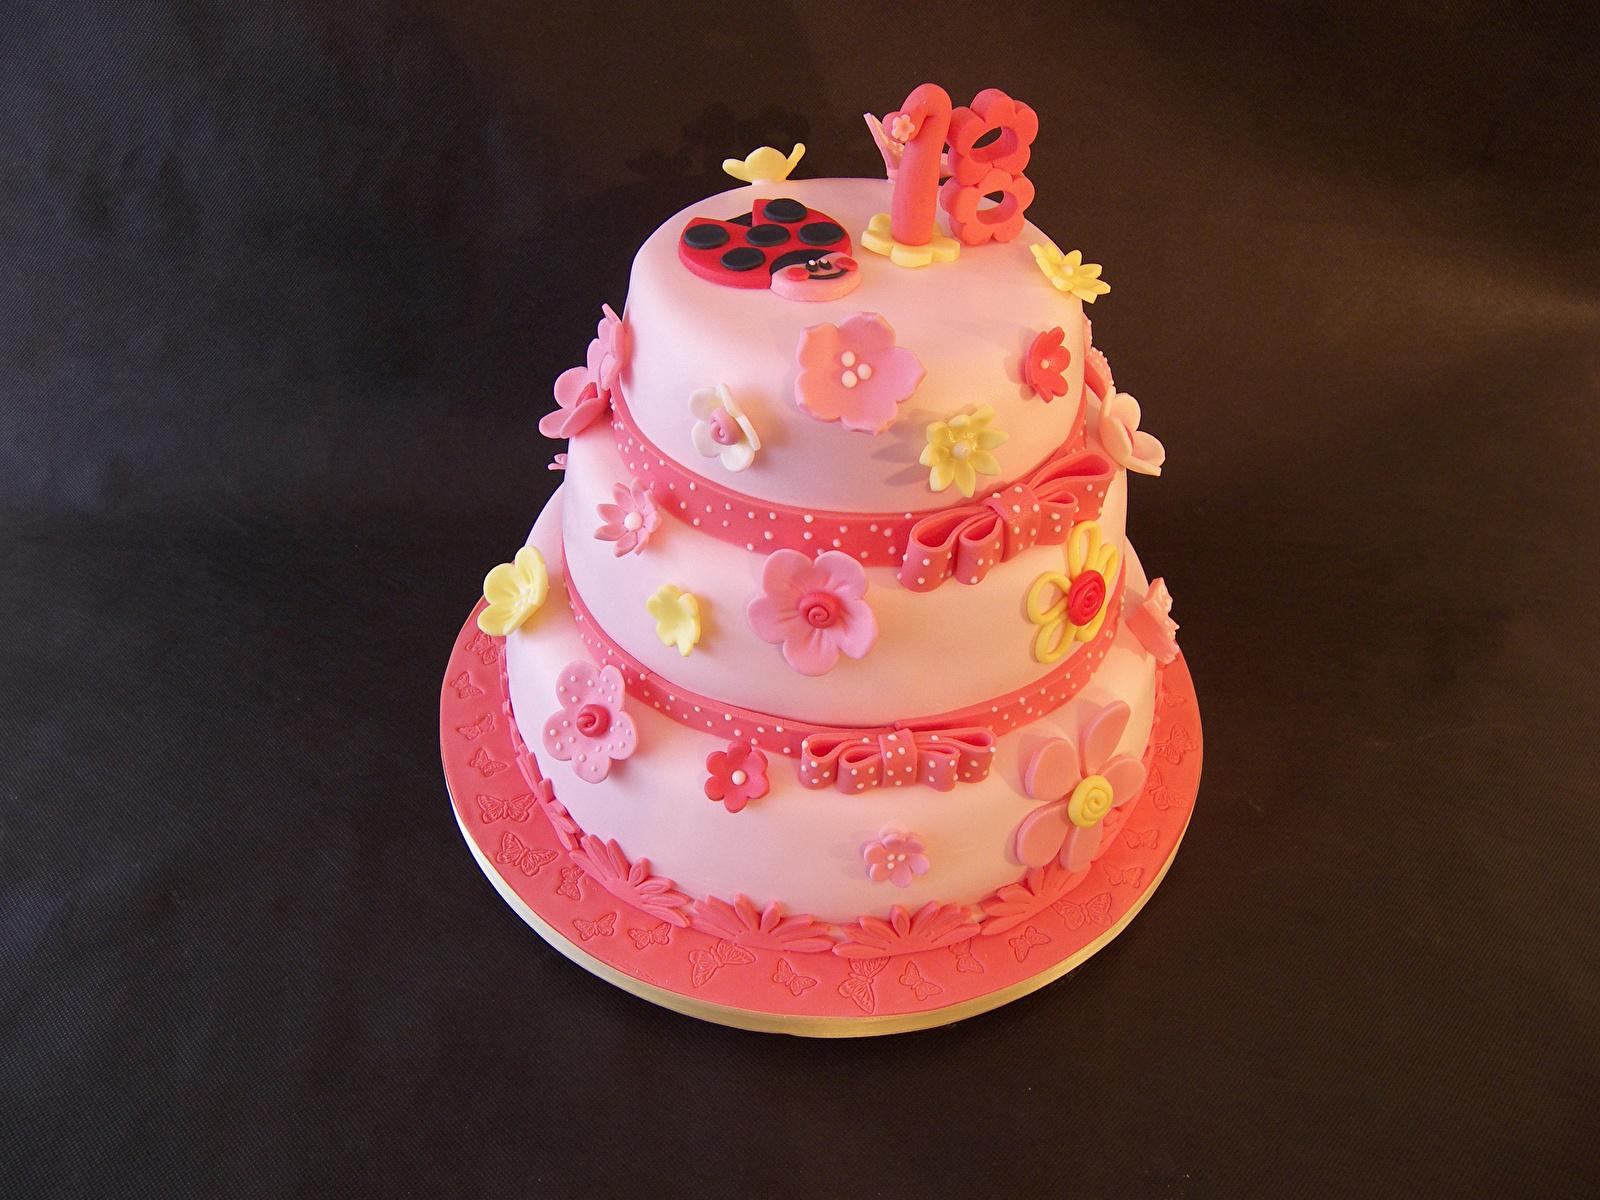 Fotos von Torte das Essen Süßware Design 1600x1200 Lebensmittel Süßigkeiten